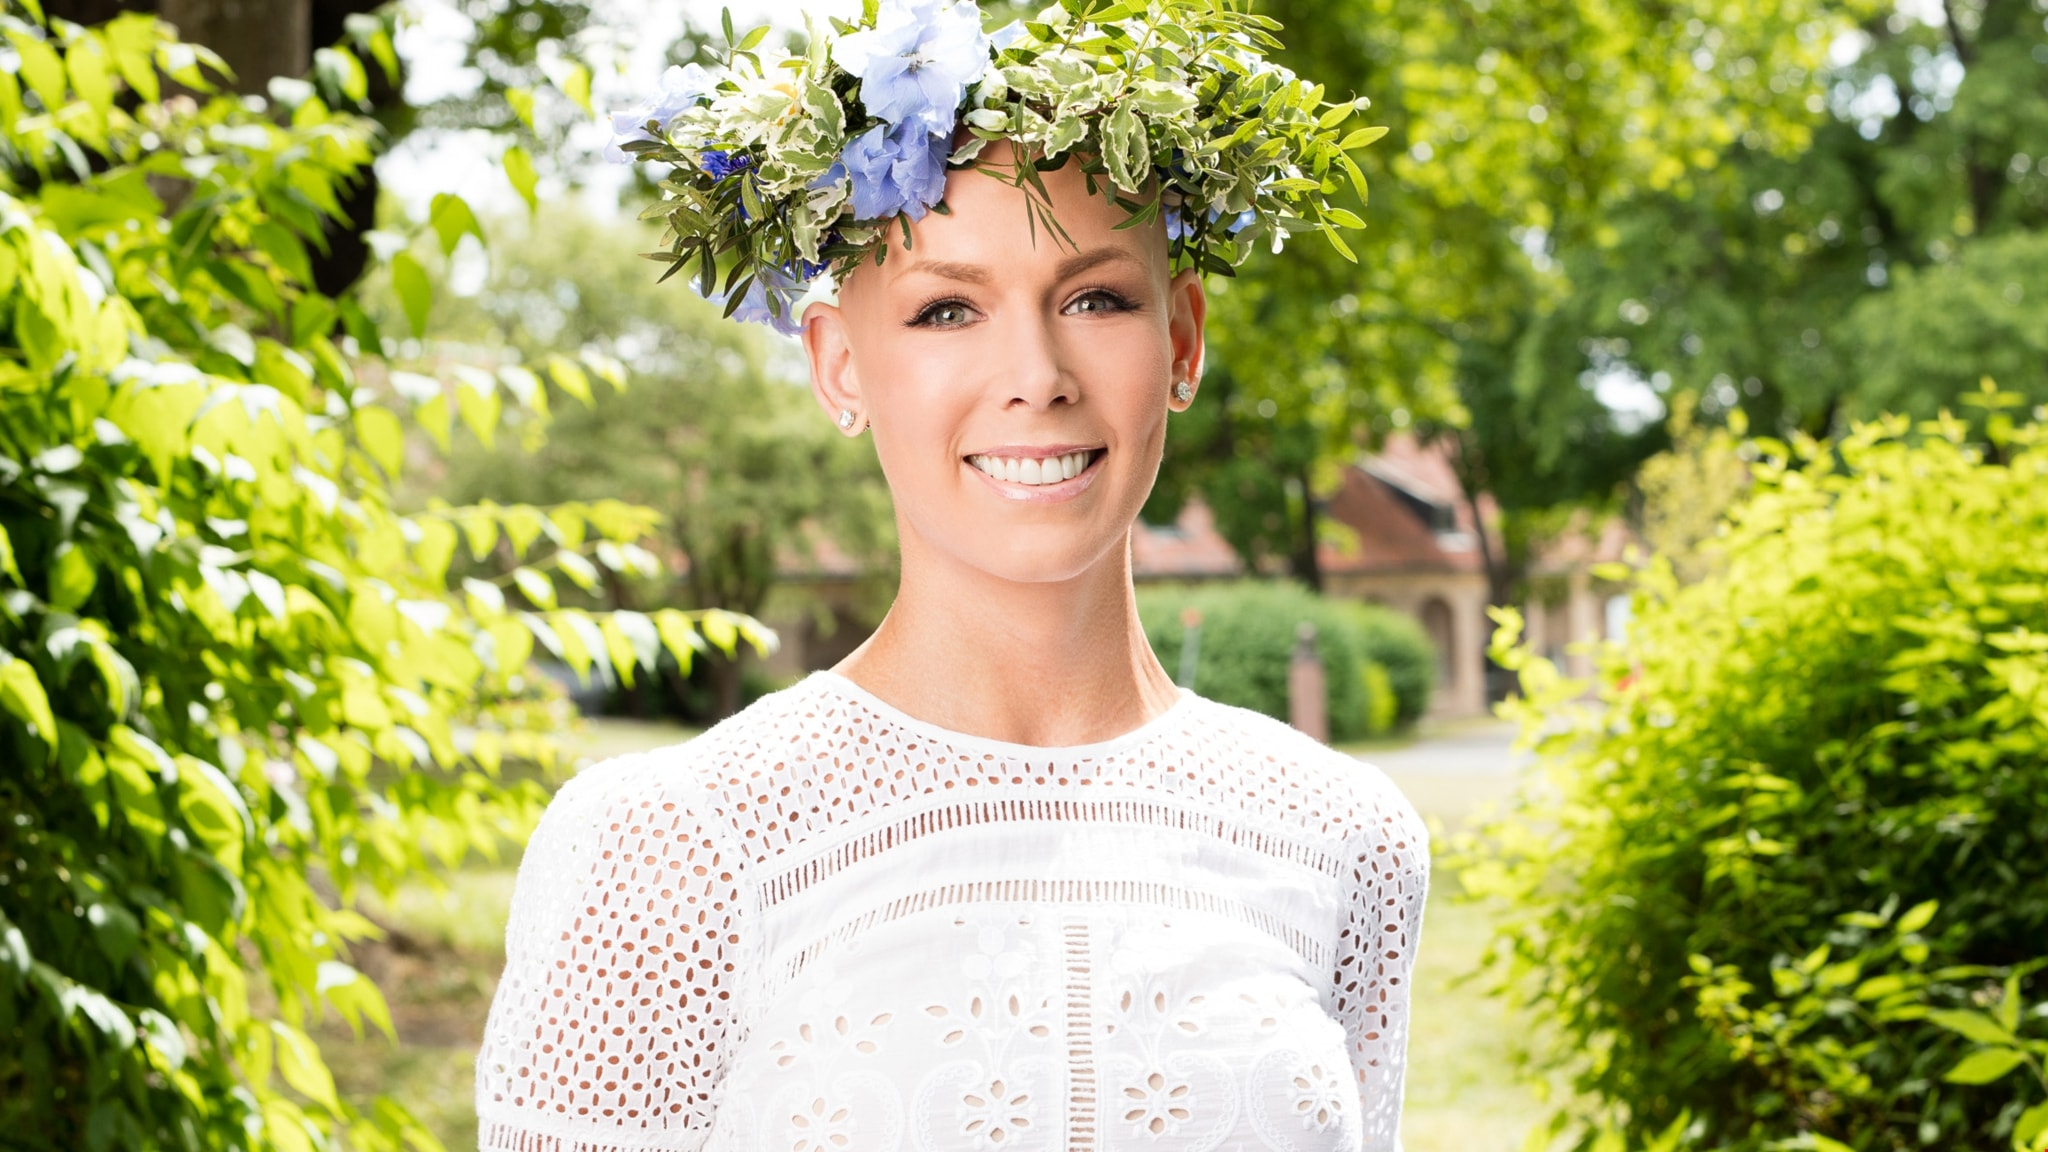 Gunhild Stordalen